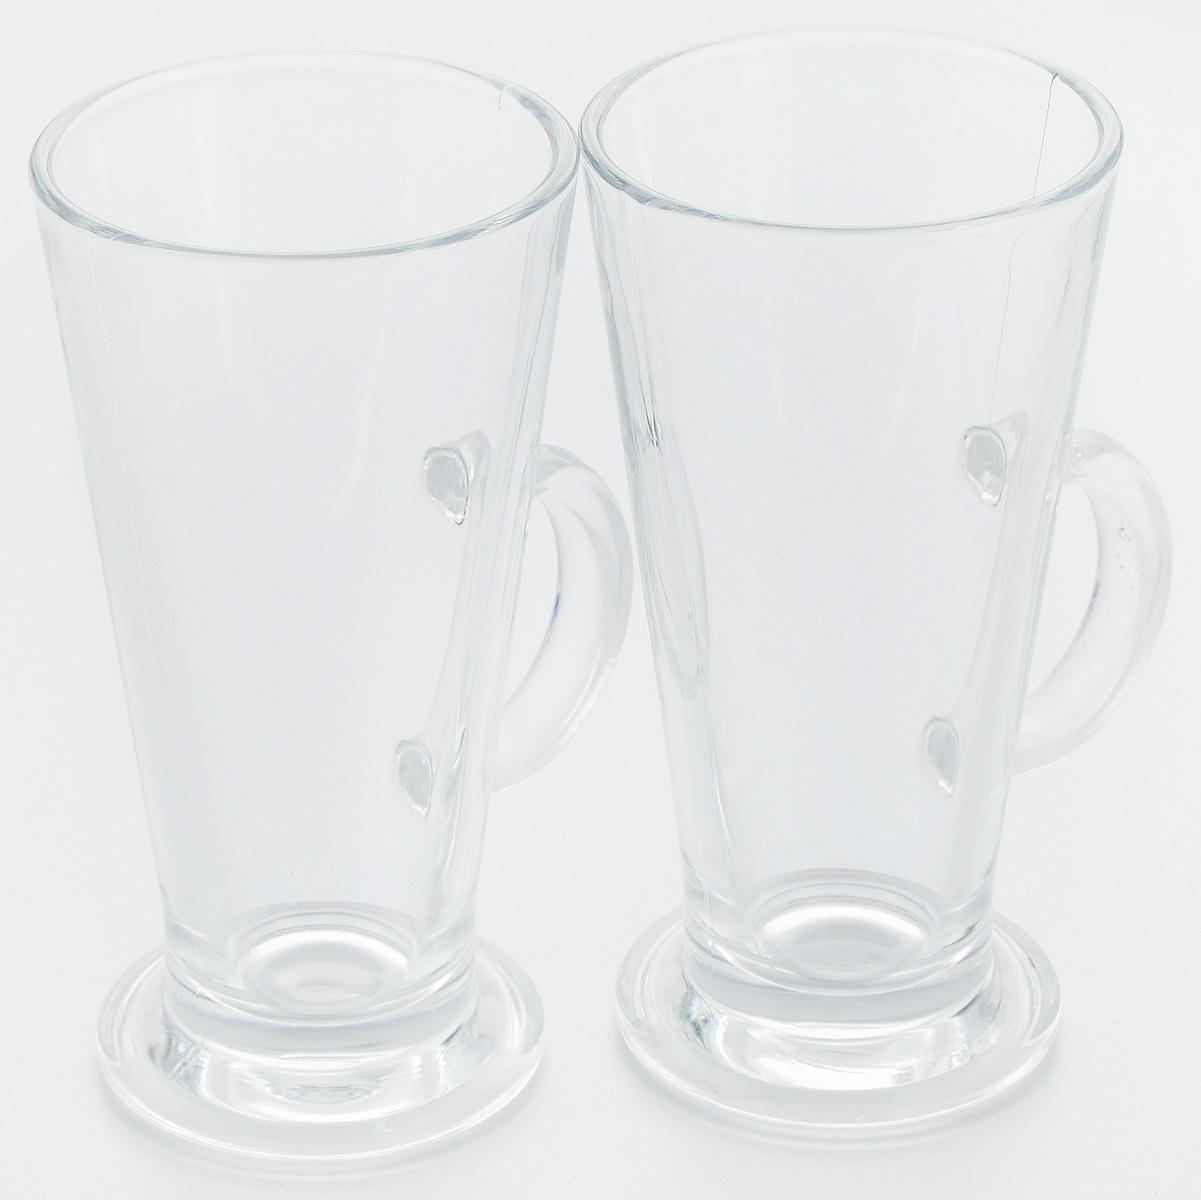 Набор кружек для пива Pasabahce Pub, 260 мл, 2 шт набор кружек для пива pasabahce pub 520 мл 2 шт